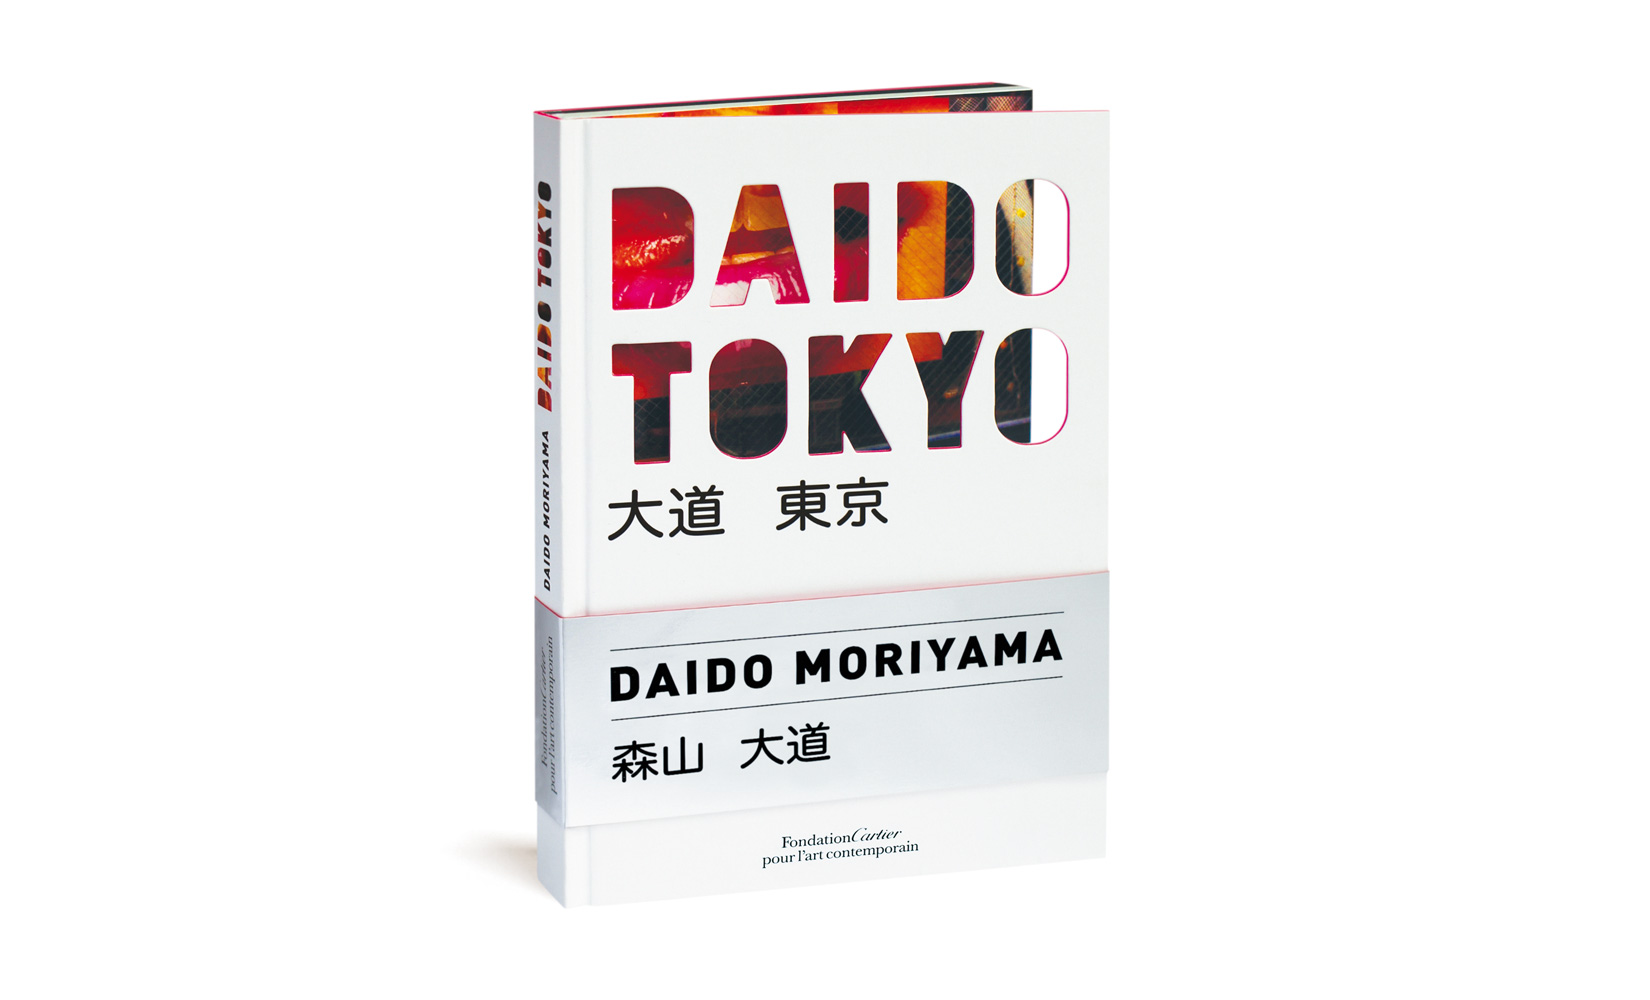 Daido-moriyama-fondation-cartier-01.jpg